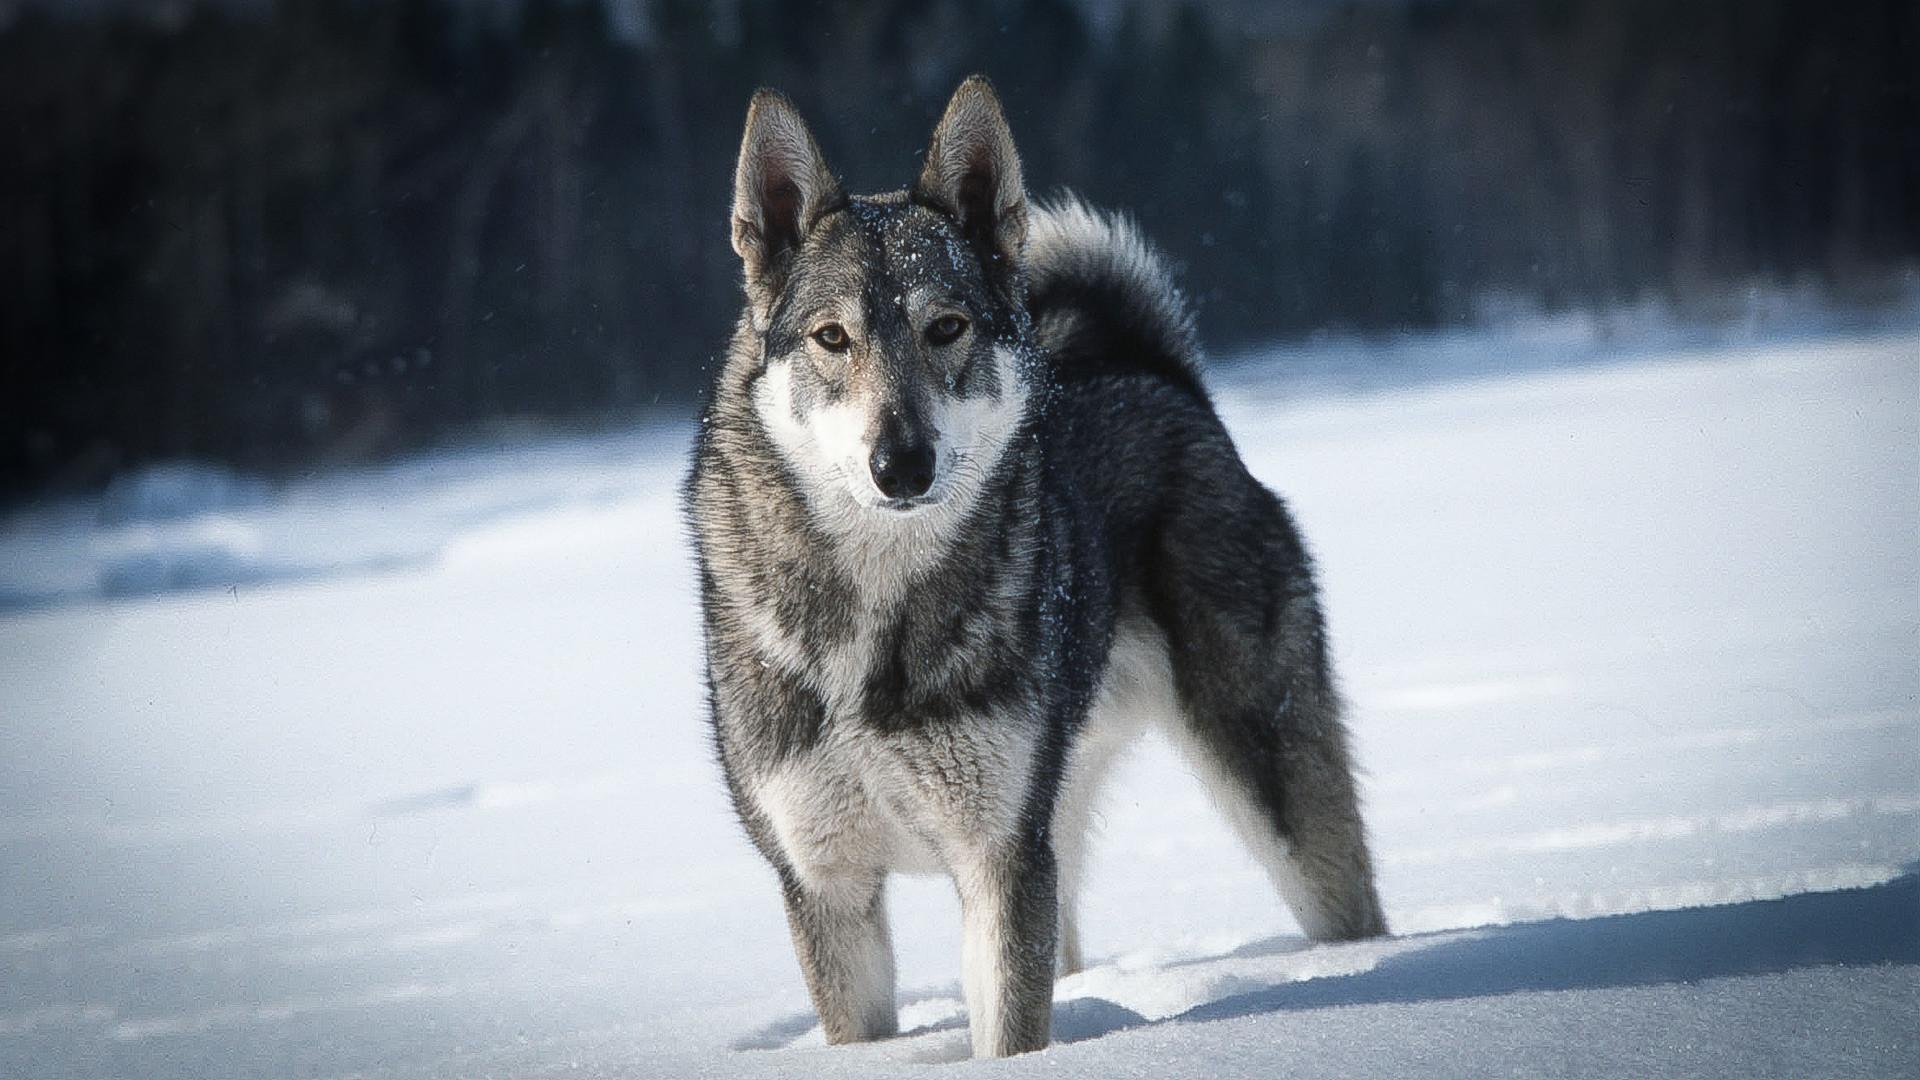 Altajski kraj. Kvalitetna lajka je u lovu važnija od oružja, smatraju profesionalni lovci. Lajka je najbolji pas za sibirske klimatske uvjete. Na fotografiji: lajka po imenu Bič.